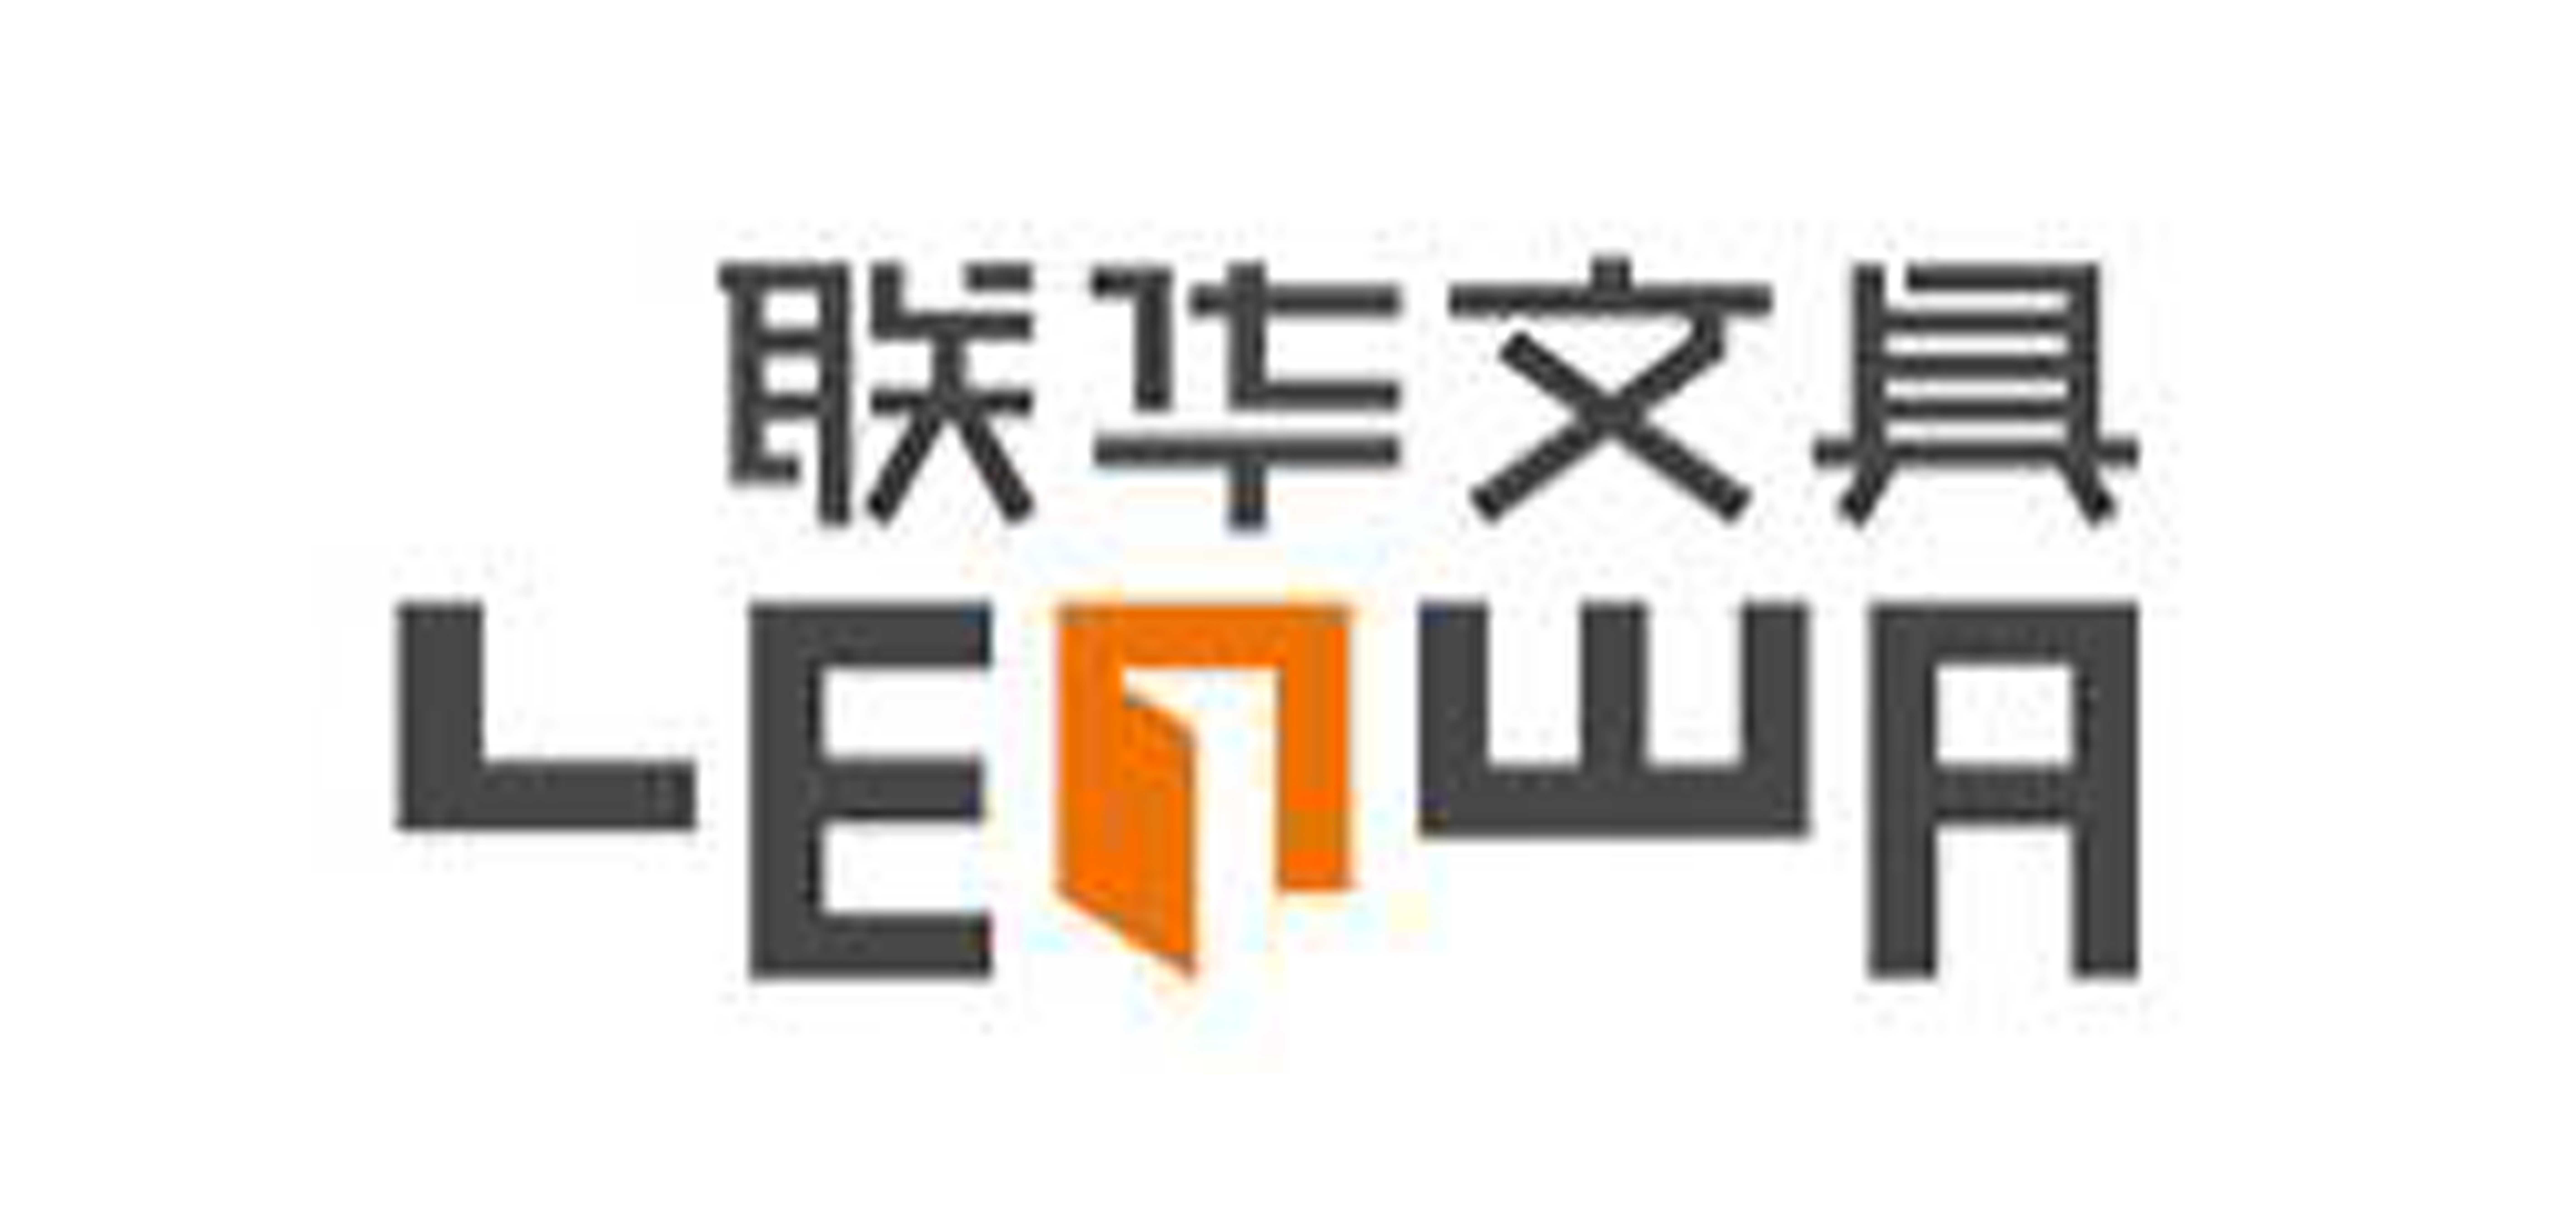 lenwa是什么牌子_联华品牌怎么样?